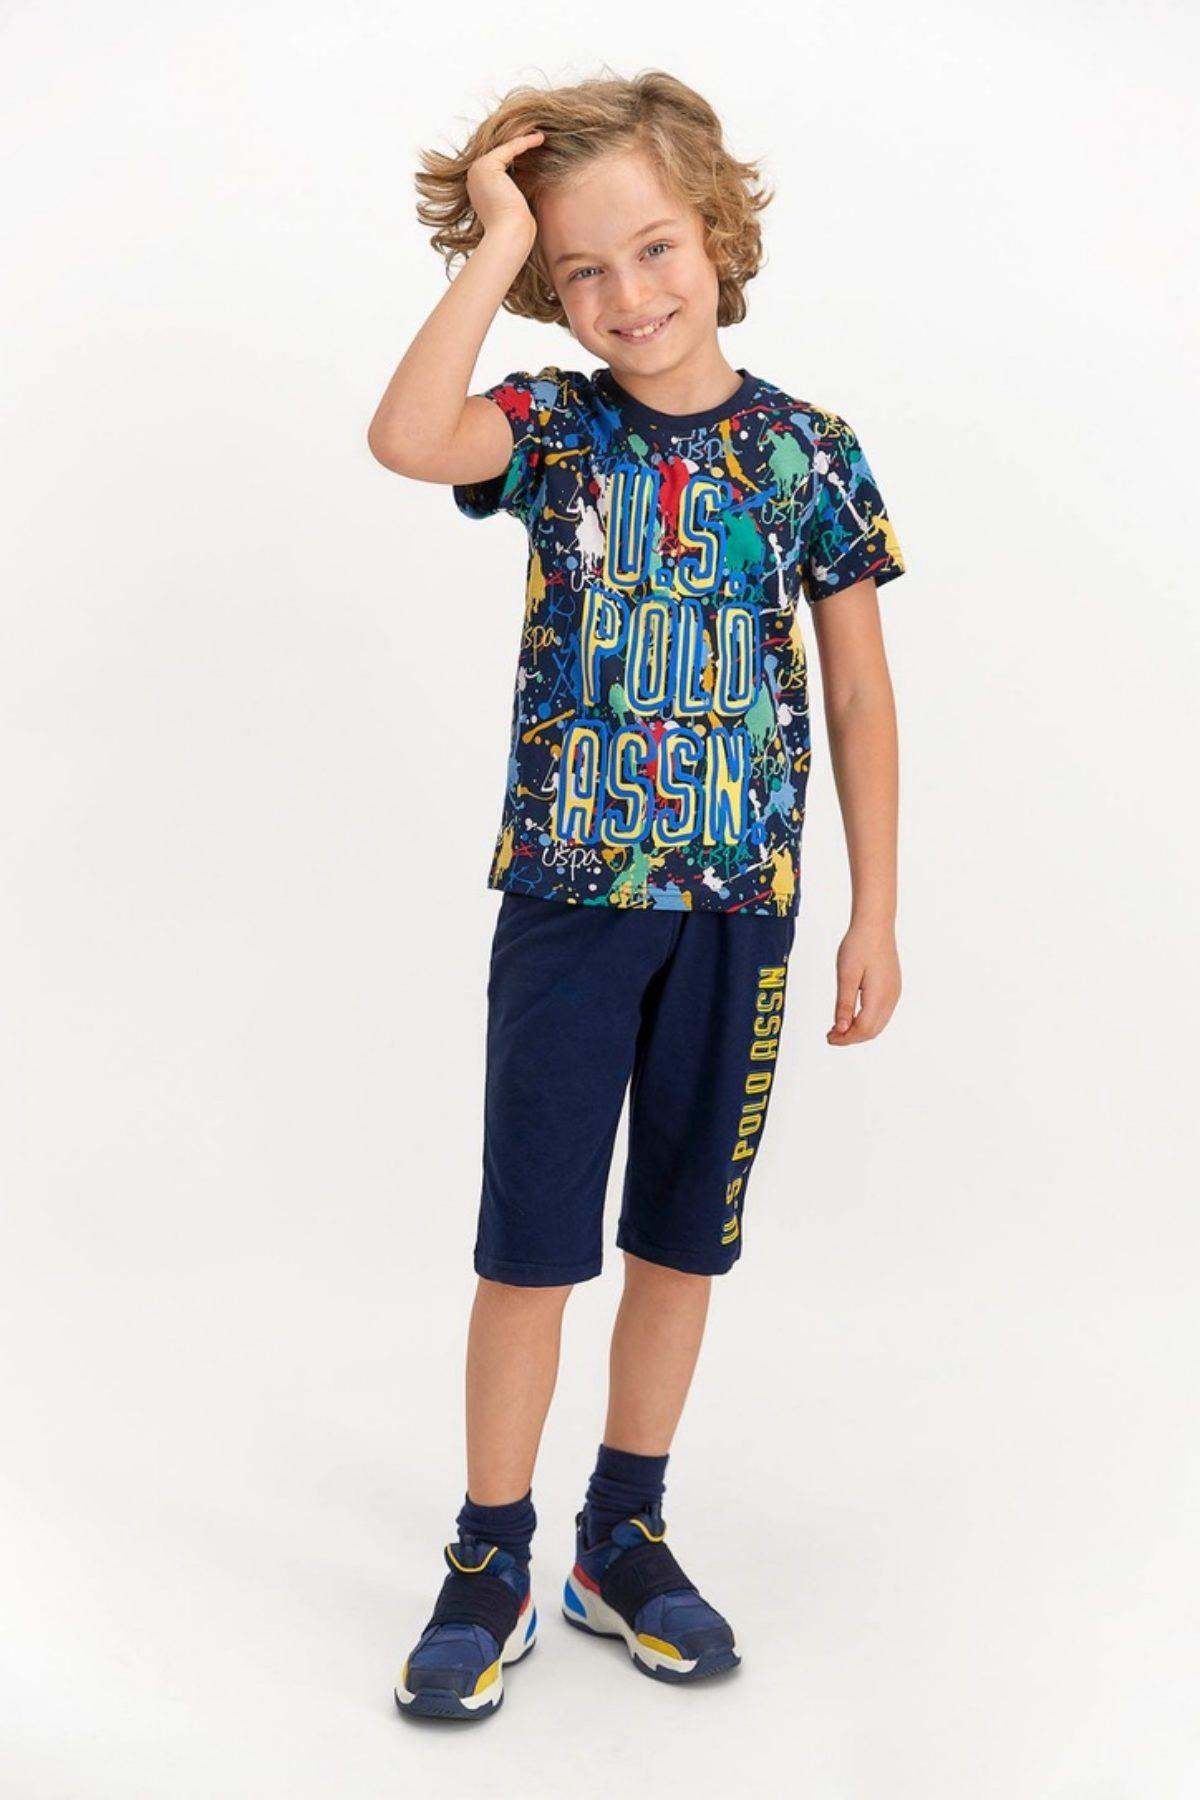 4-8 Yaş Us Polo ASSN Lisanslı Boya Desenli Laci Erkek Çocuk Takım